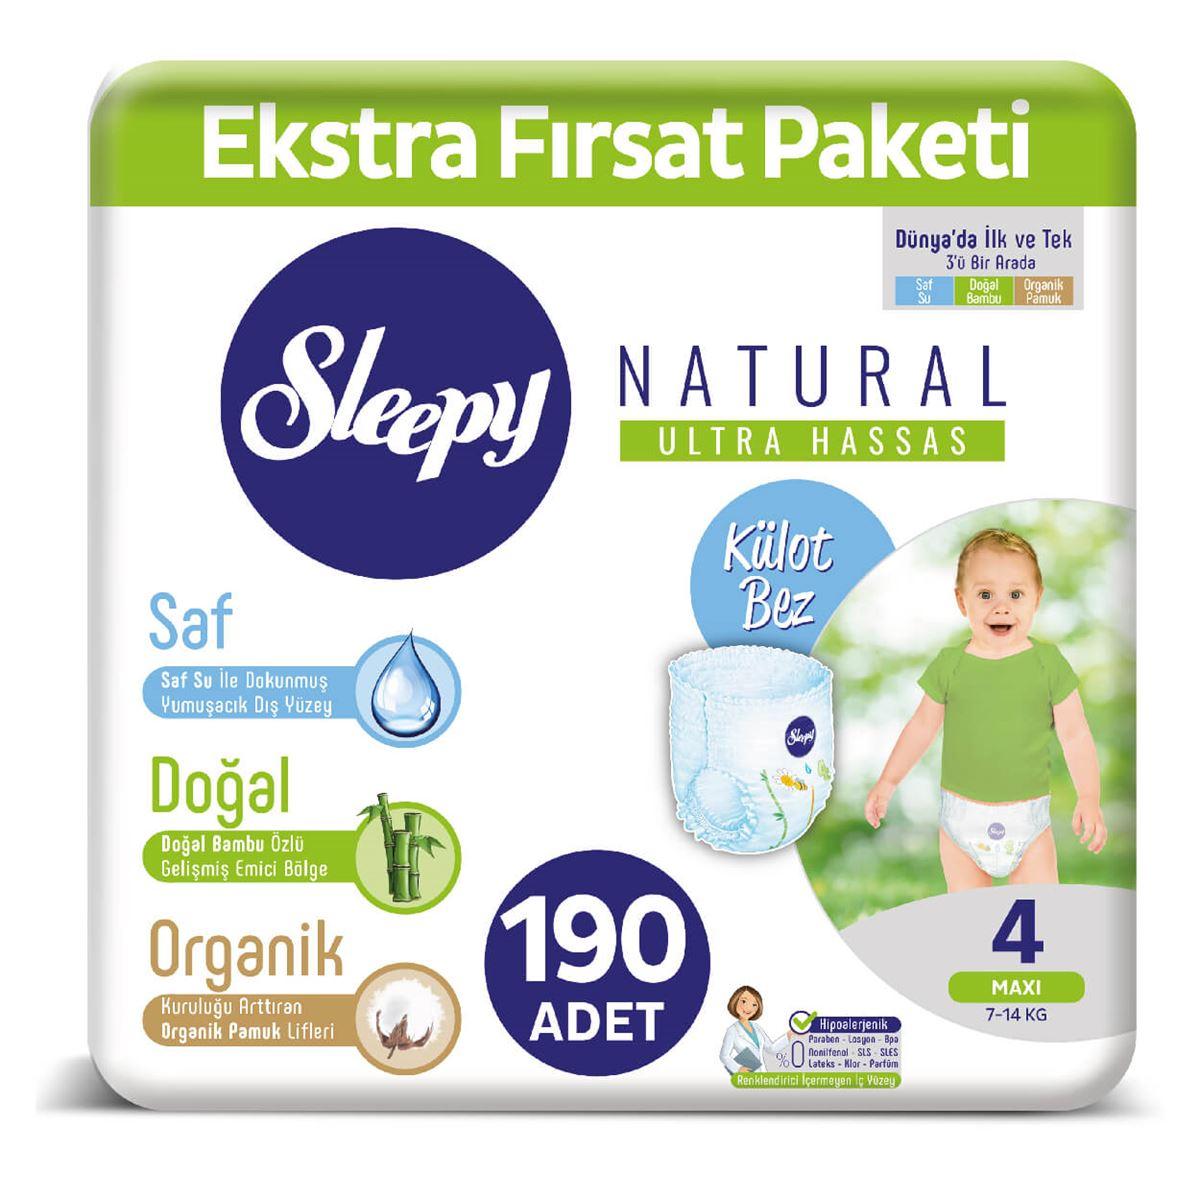 Sleepy Natural KÜLOT Bez 4 Numara Maxi Ekstra Fırsat Paketi 190 Adet